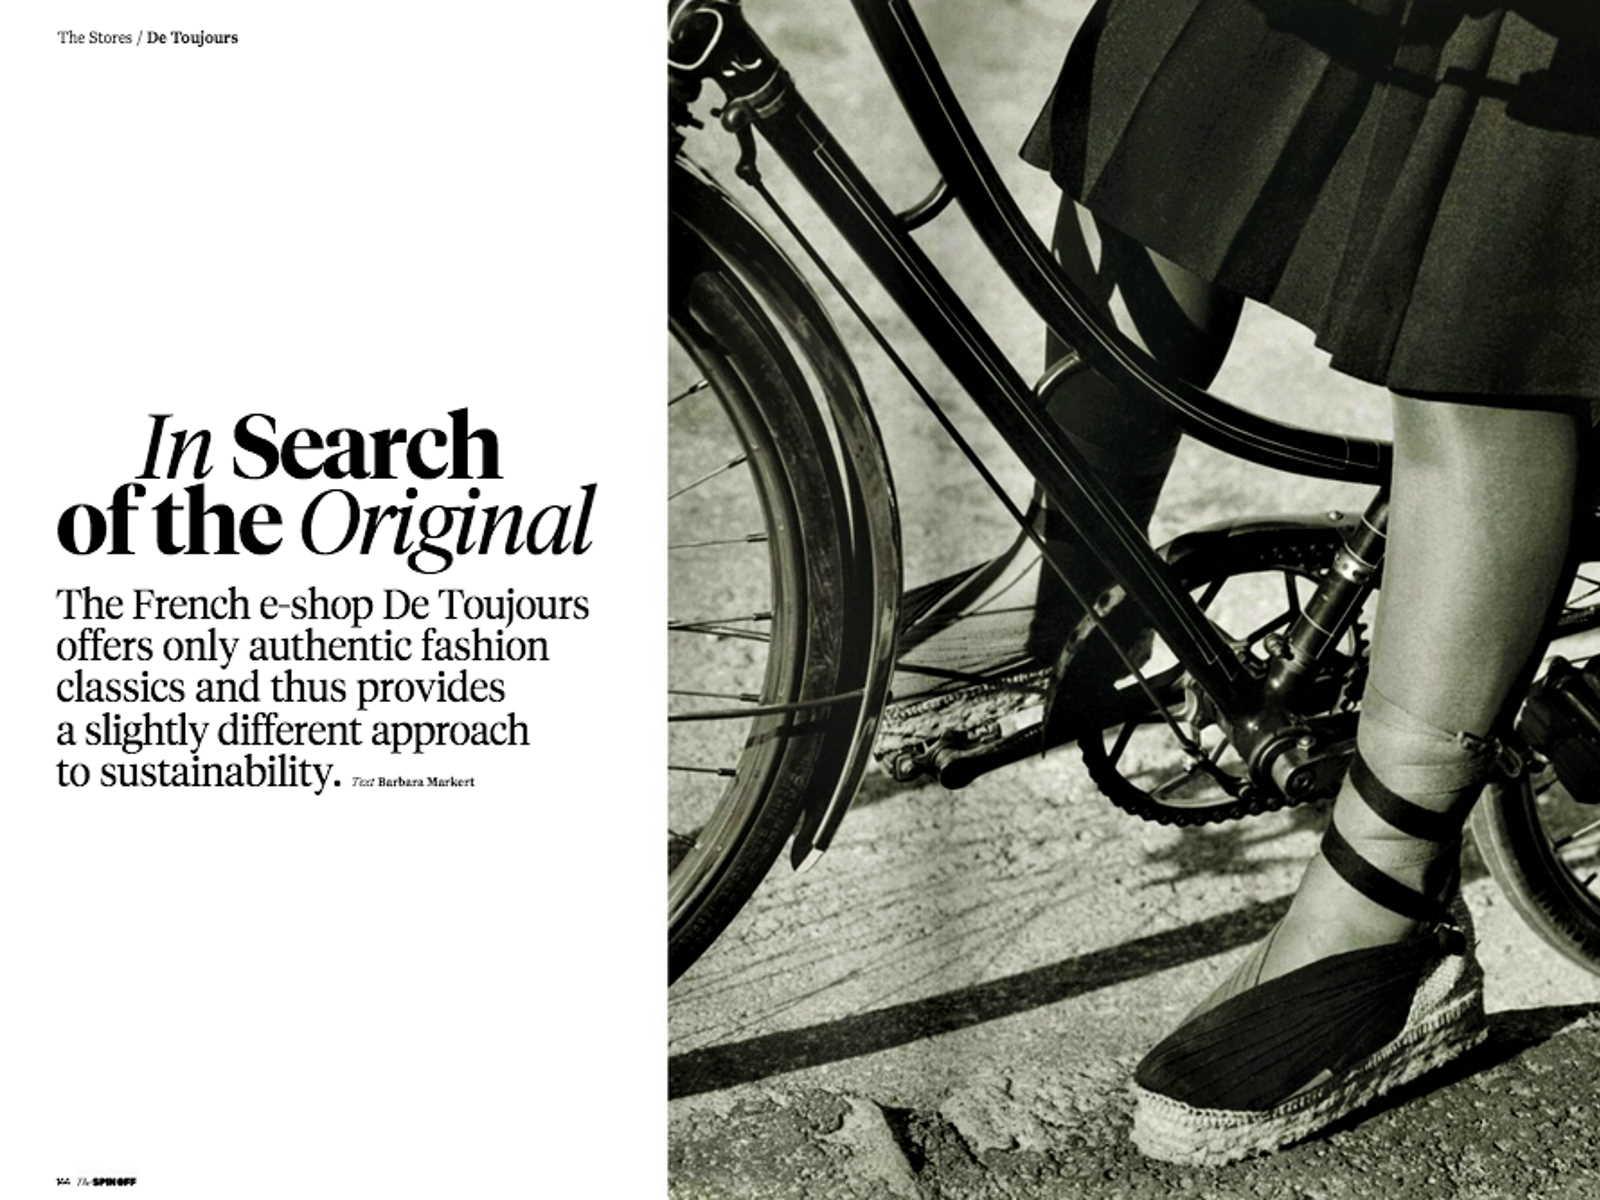 Kreation des Designers Georg Lux für das Pariser Modehaus Leonard